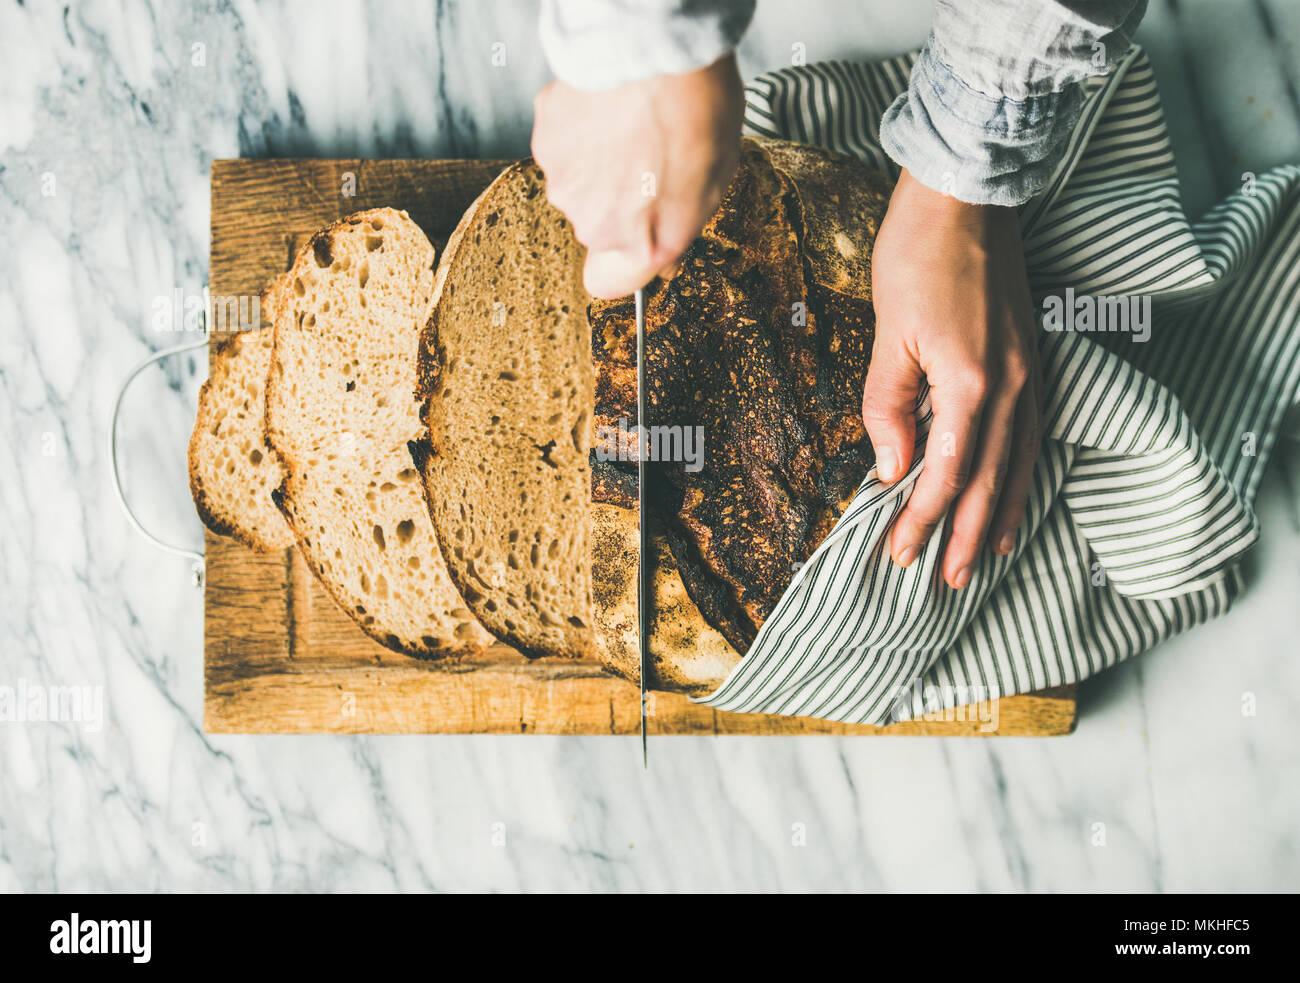 Weibliche Hände schneiden frisch gebackenem Sauerteigbrot in Stücke Stockbild